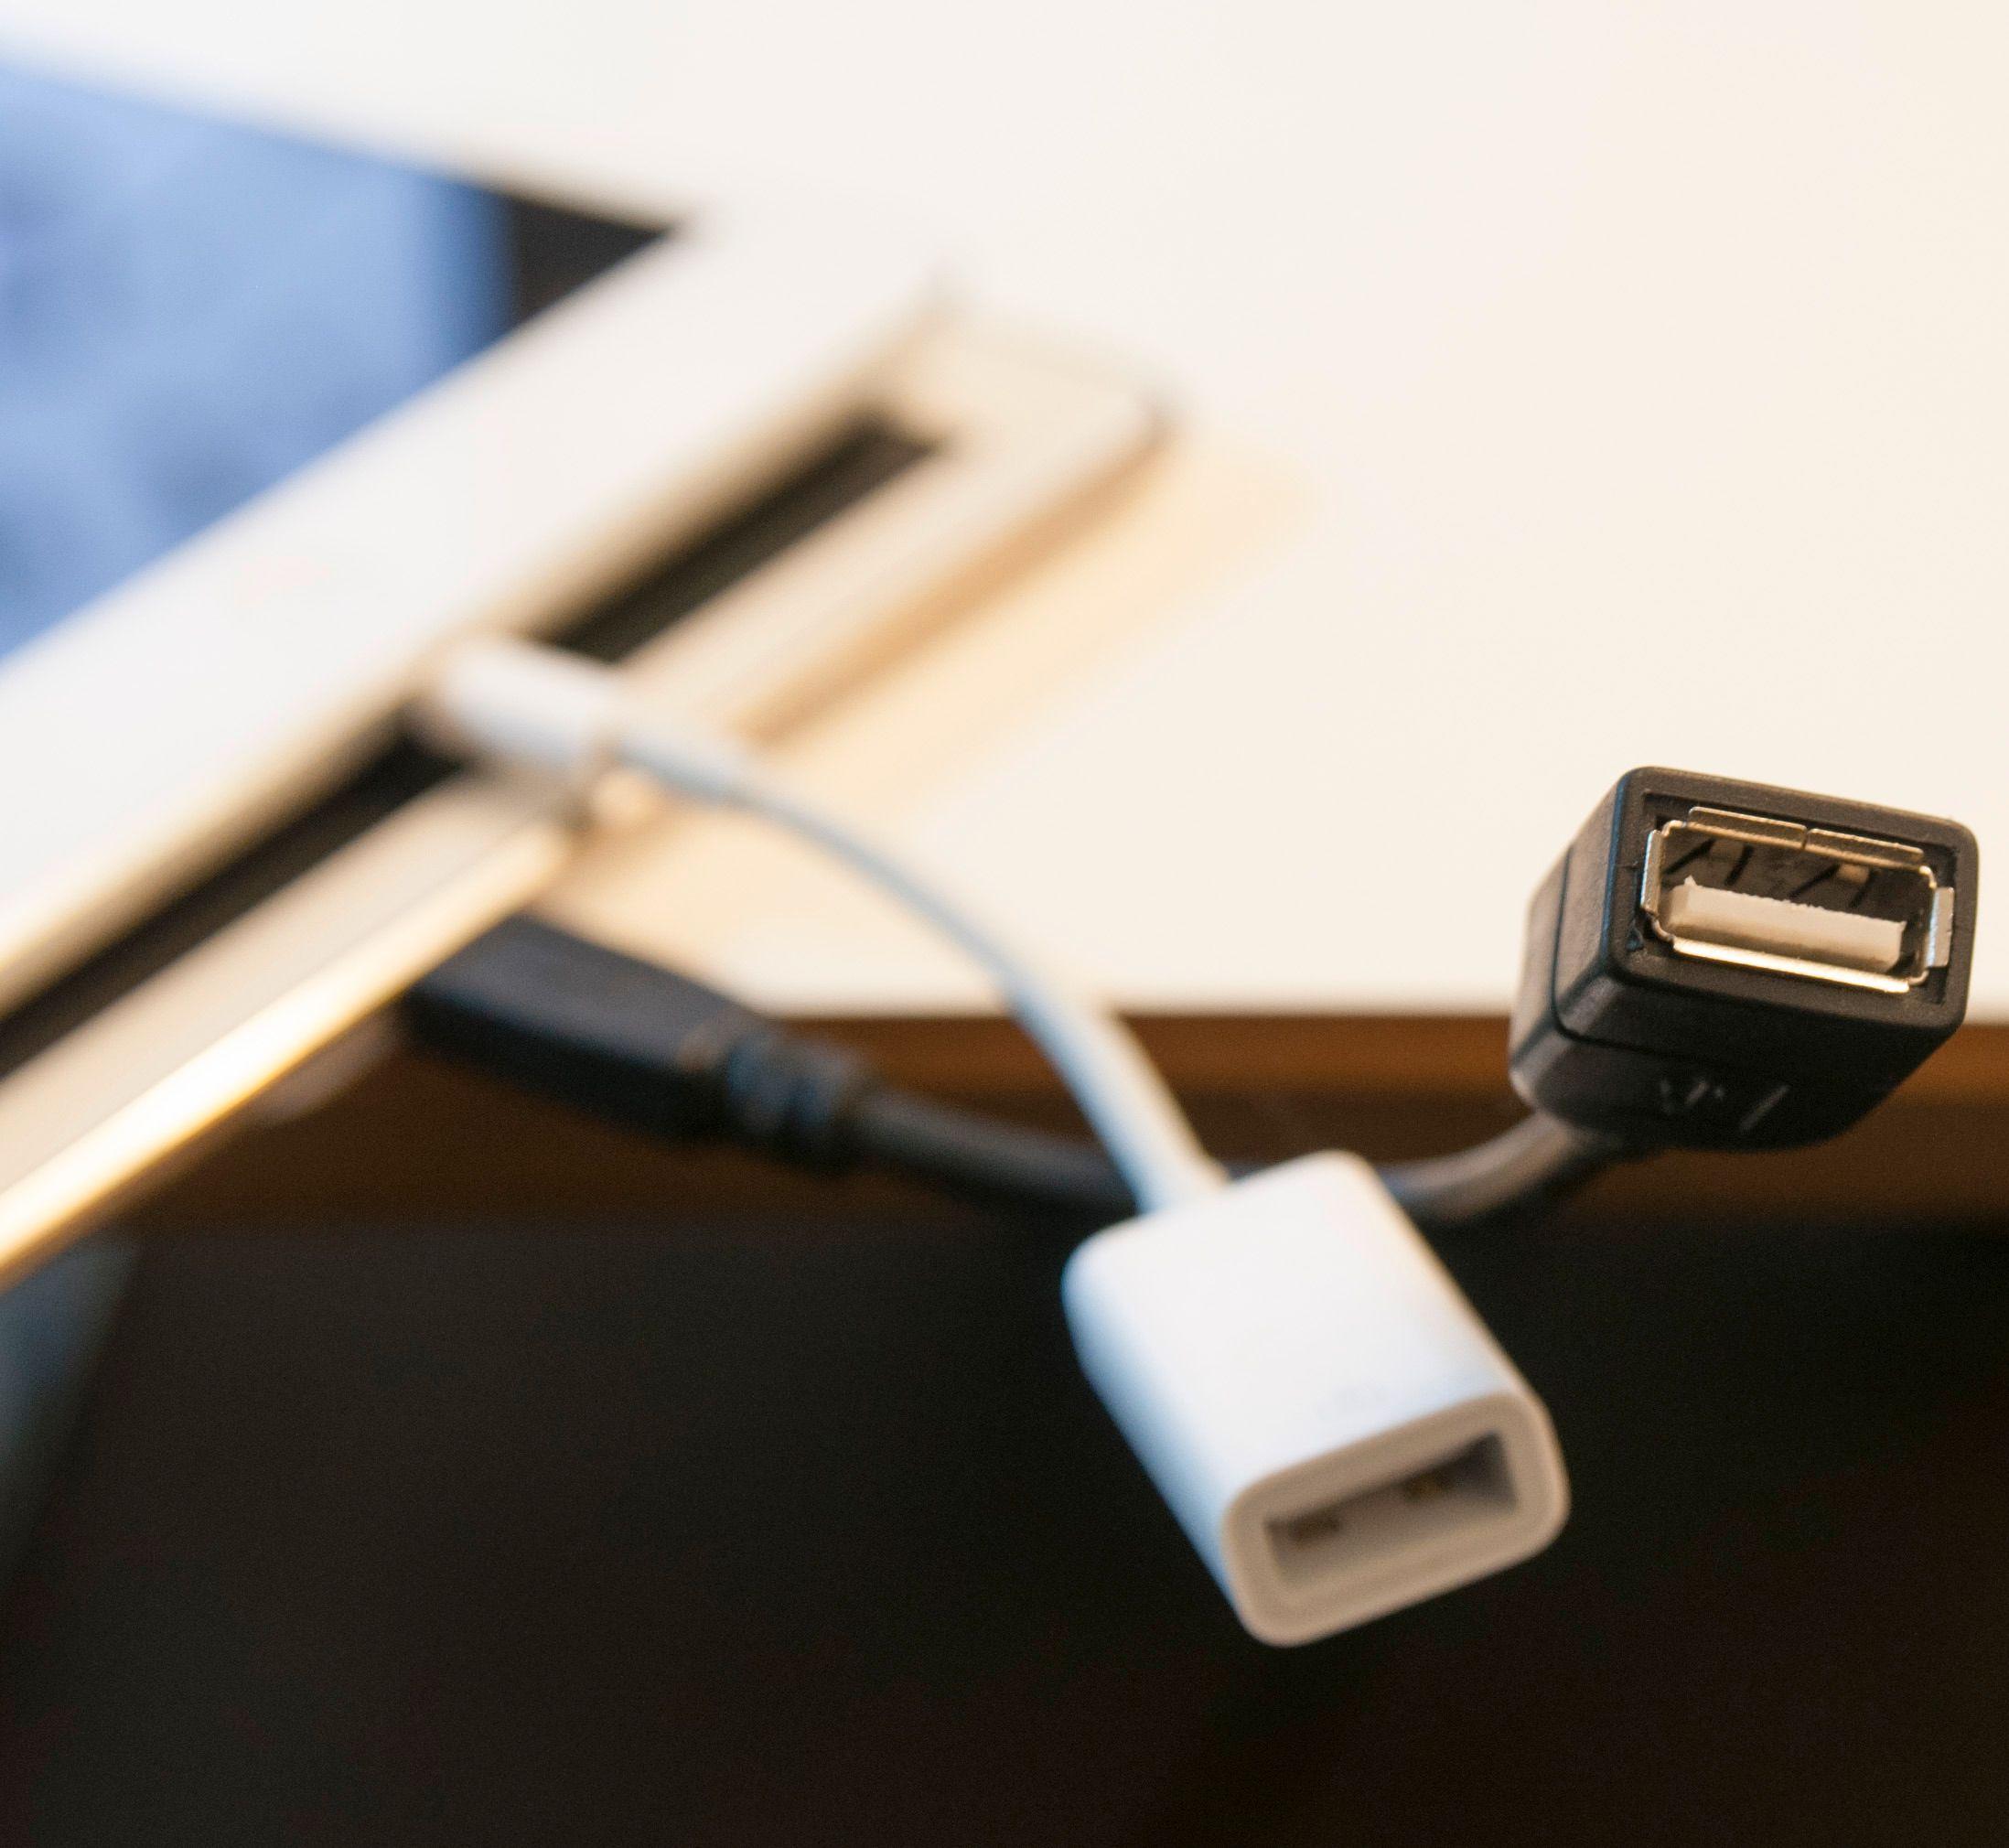 Overgang til fullstørrelse USB-inngang kan være smart å ha, dersom ikke nettbrettet ditt har vanlig USB-tilkobling fra før.Foto: Finn Jarle Kvalheim, Amobil.no